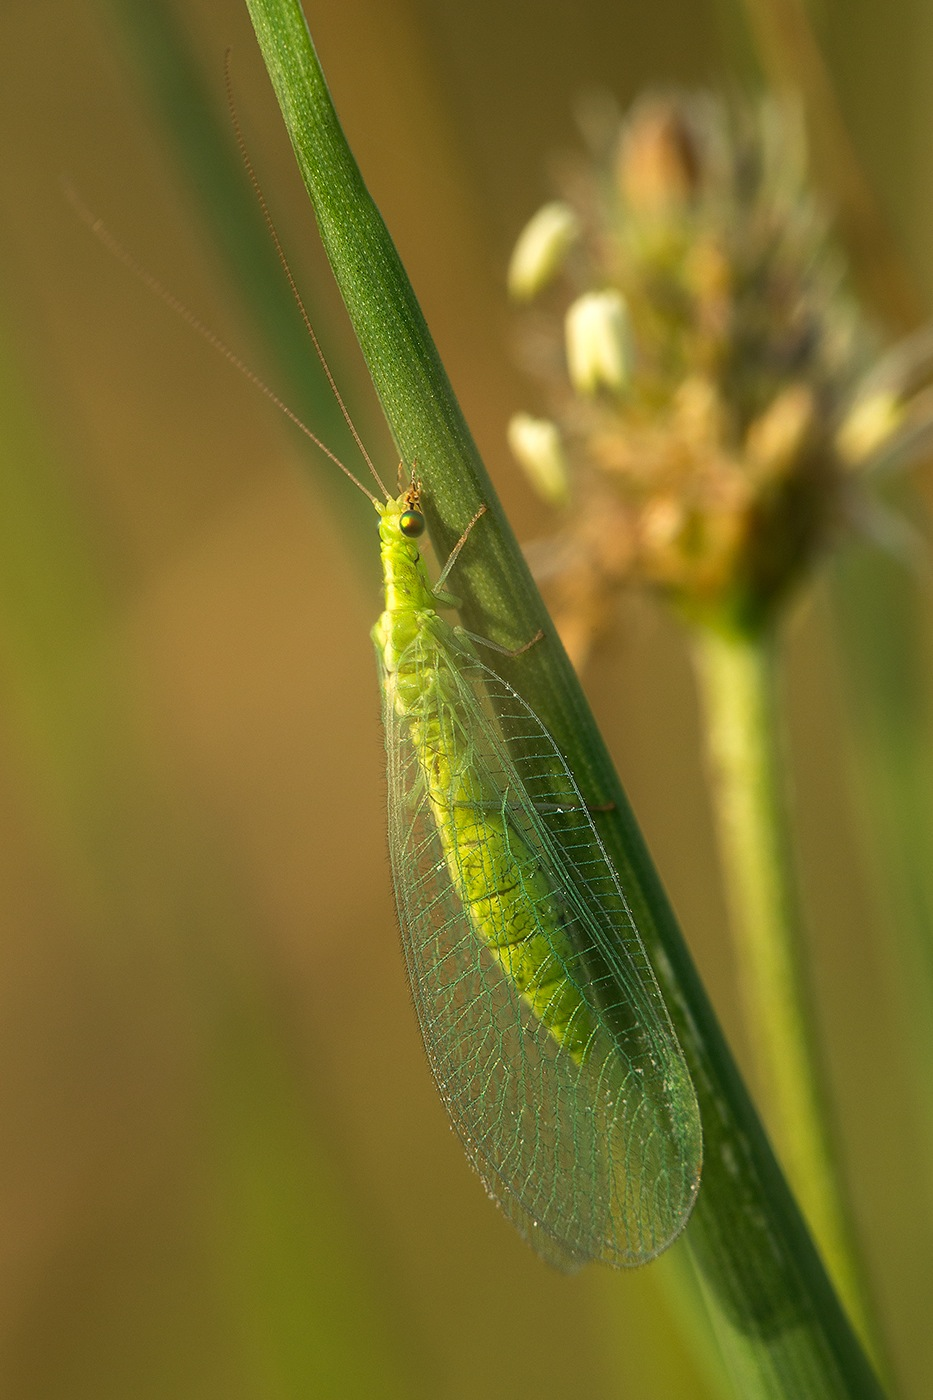 Chrysope Verte (Chrysoperla carnea)